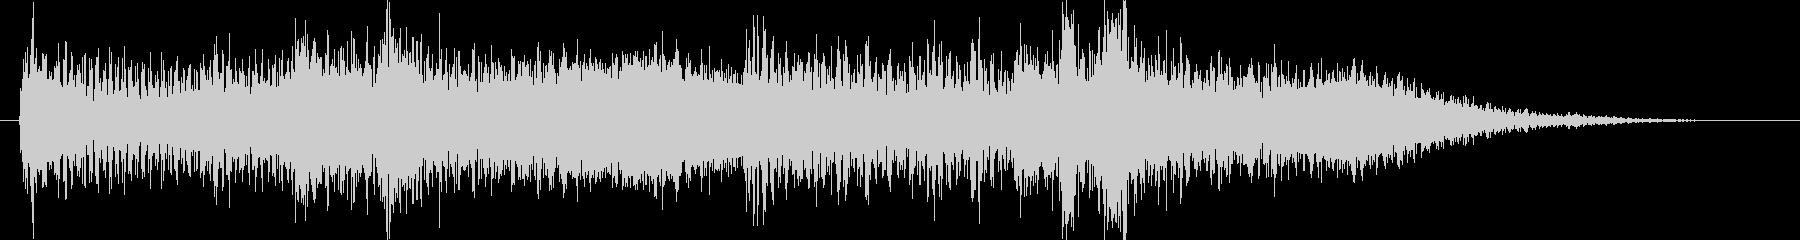 和風サウンドロゴ琴和太鼓のクリック音源の未再生の波形